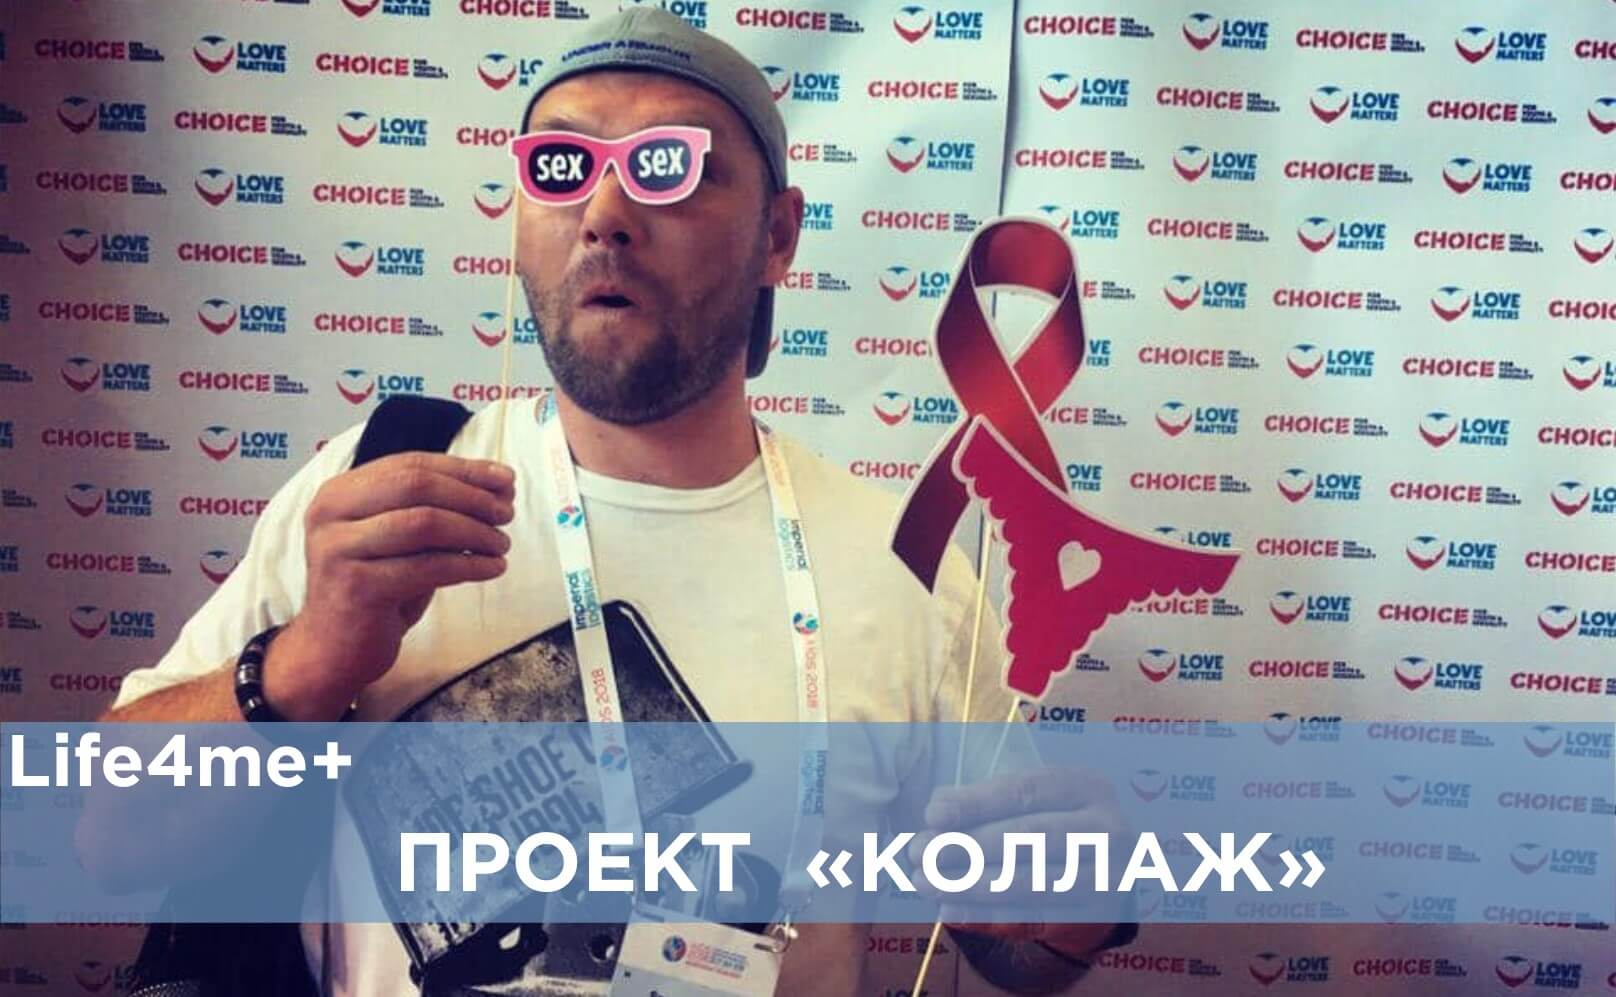 """Коллаж: """"Вообще я крутой сукин сын!"""", - Сергей Ульянов - изображение 1"""